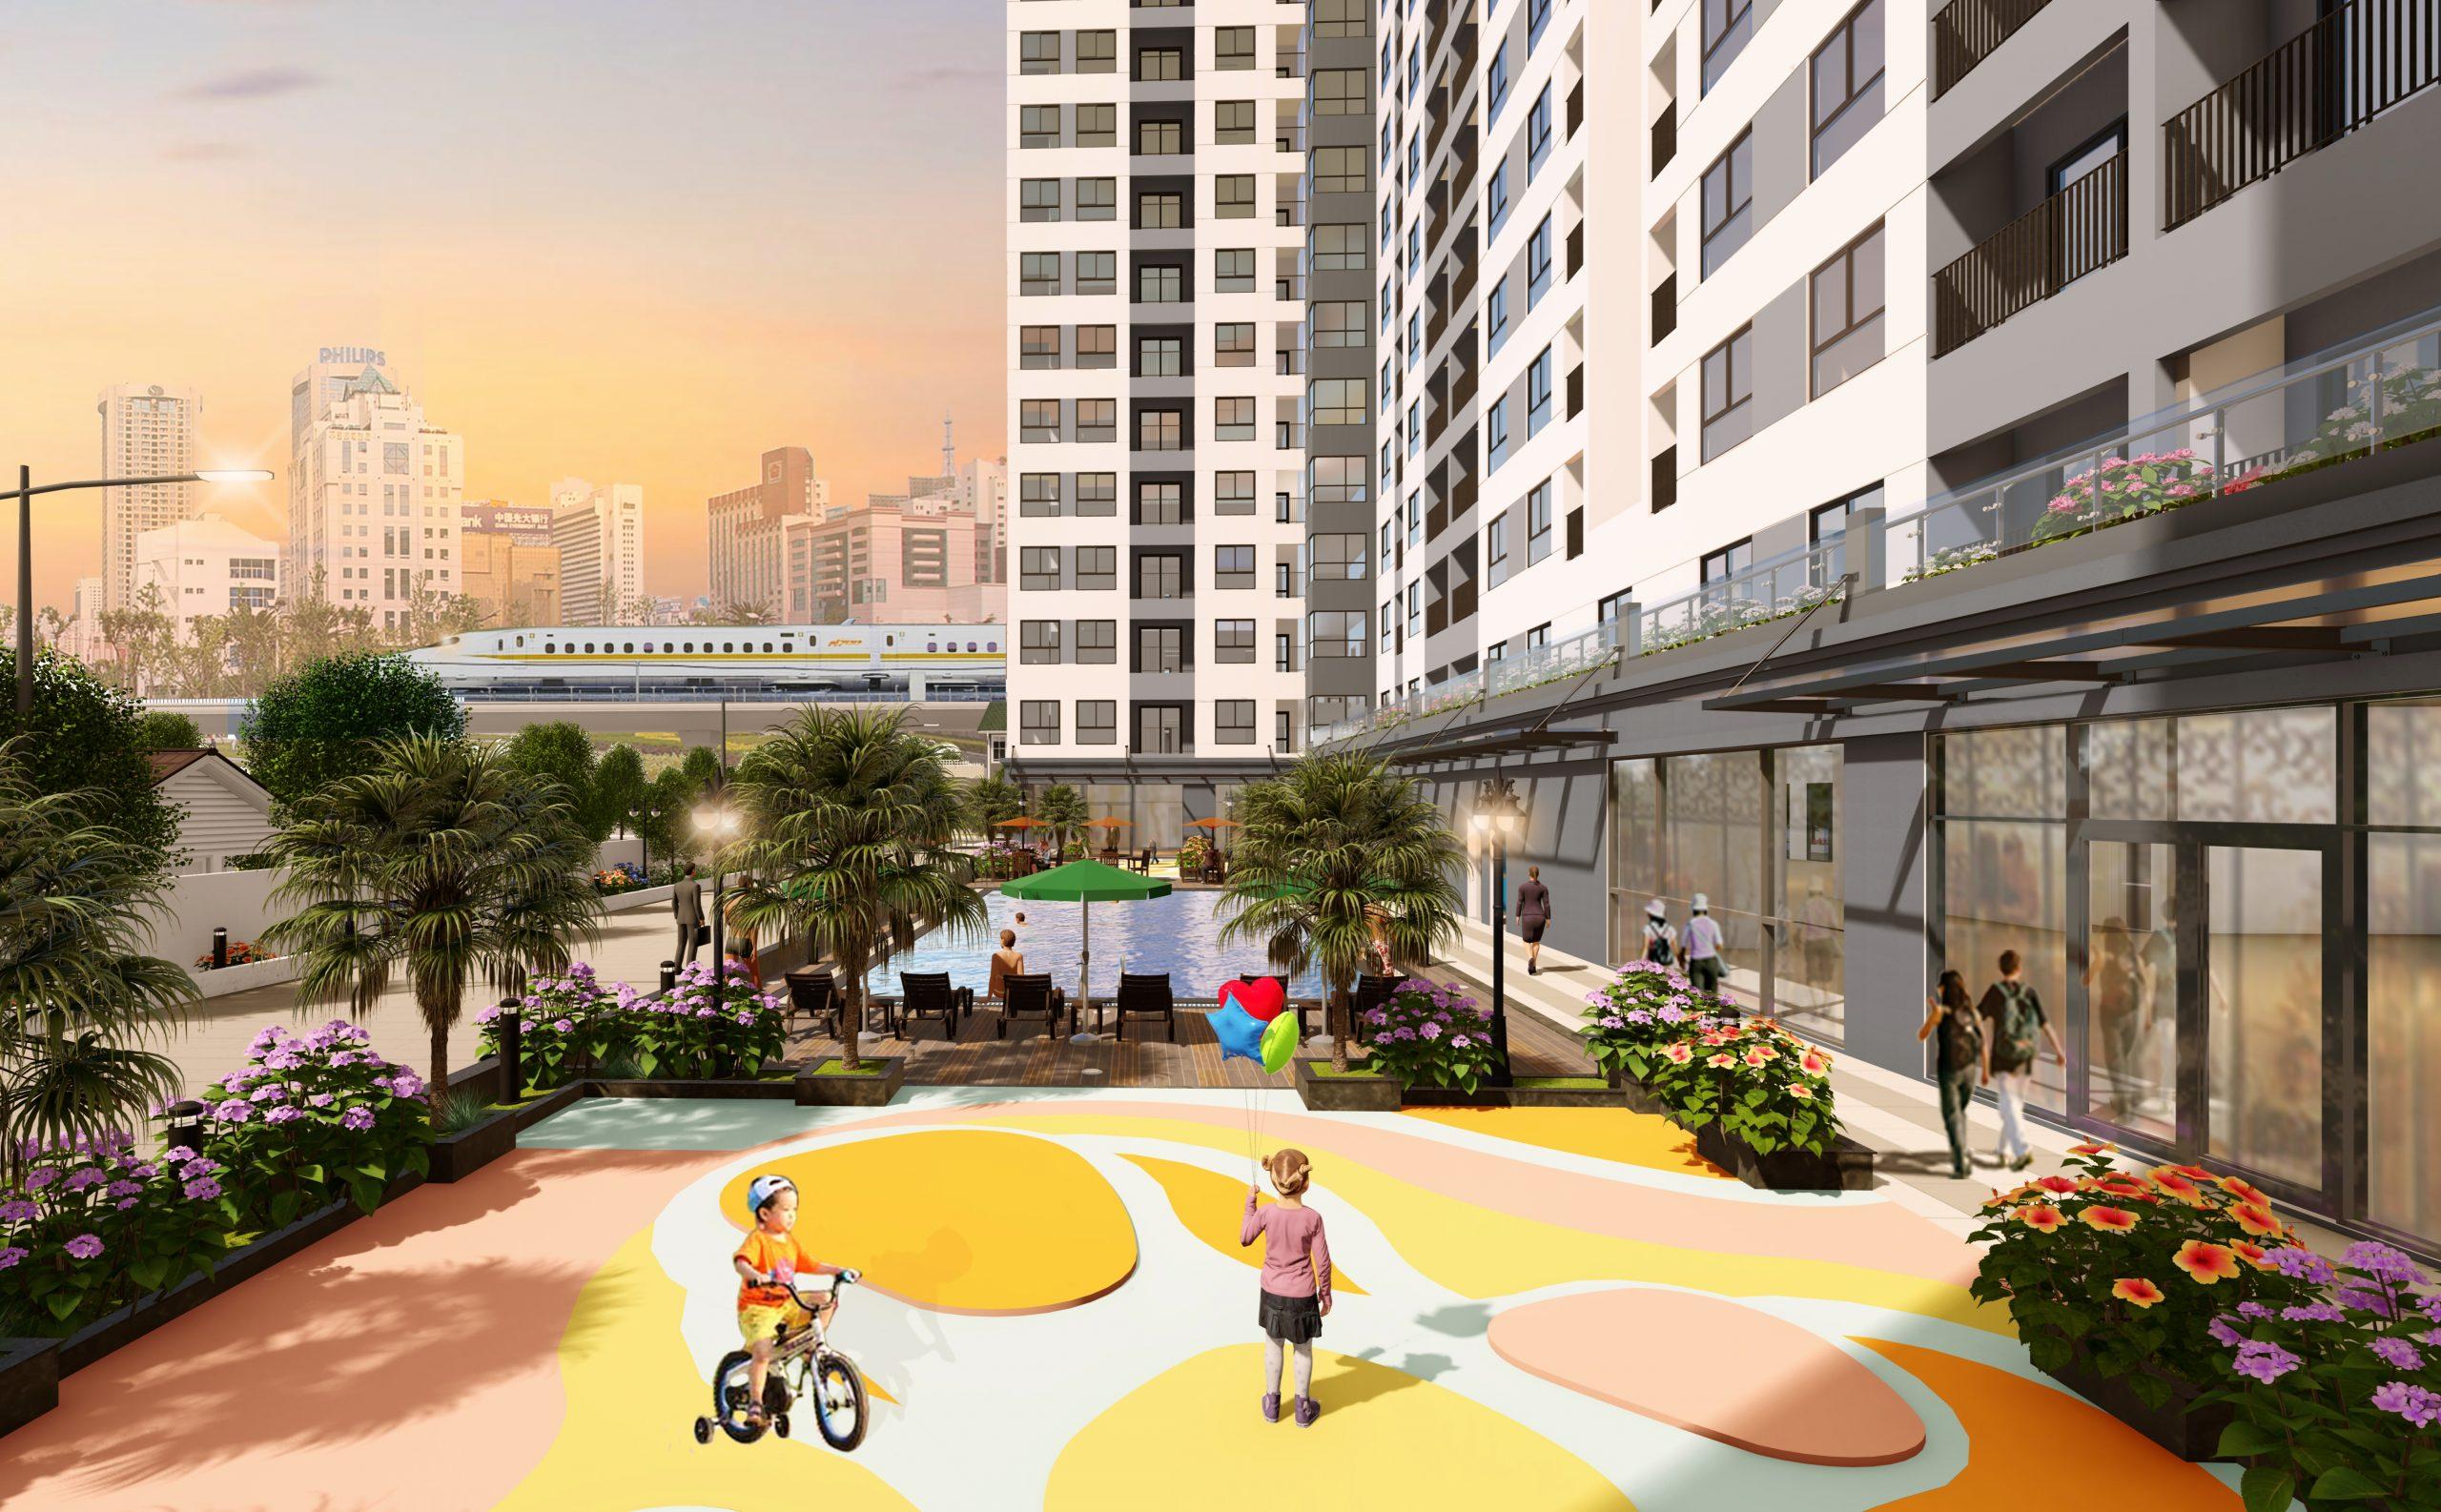 Dự án căn hộ chung cư Bcons Miền Đông, Đông Hòa, Dĩ An, Bình Dương